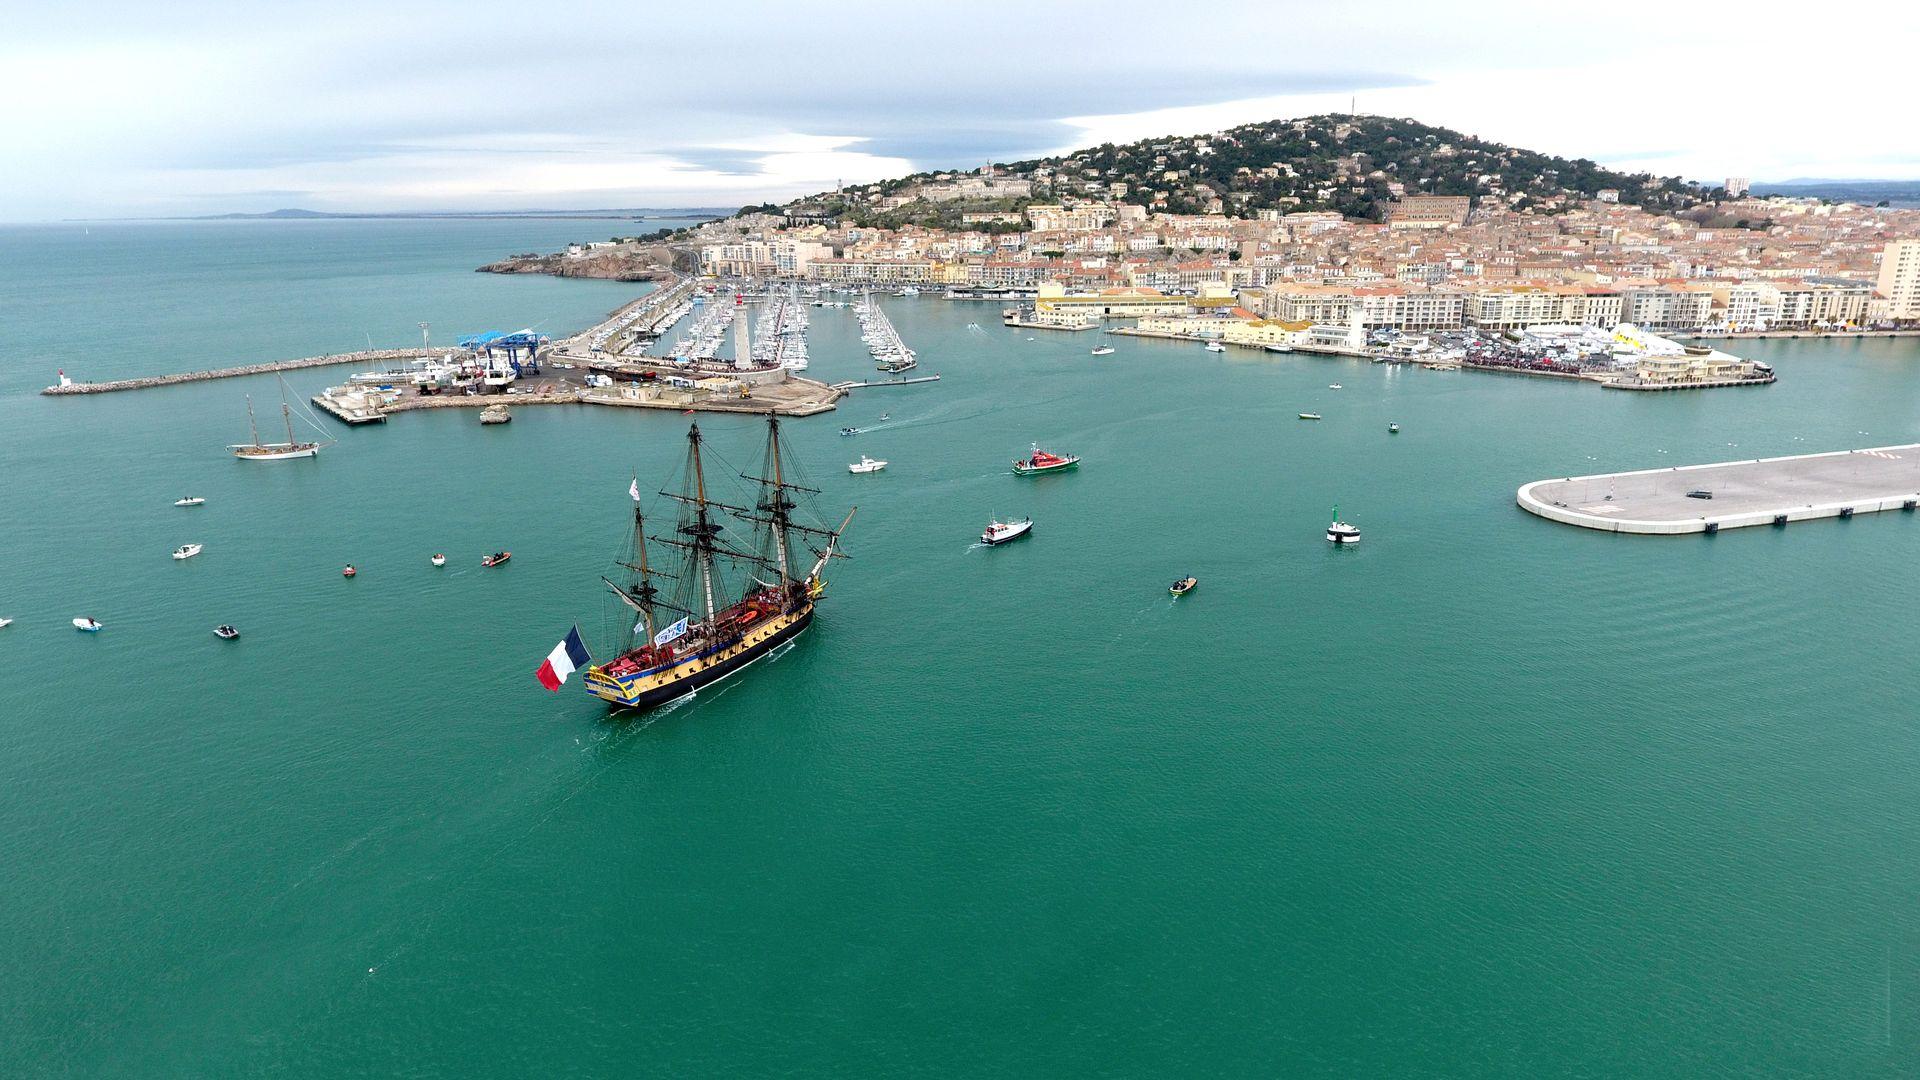 Grand voilier ancien et autres bateaux avec la ville de Sète en arrière plan dans le cadre du festival Escale à Sète